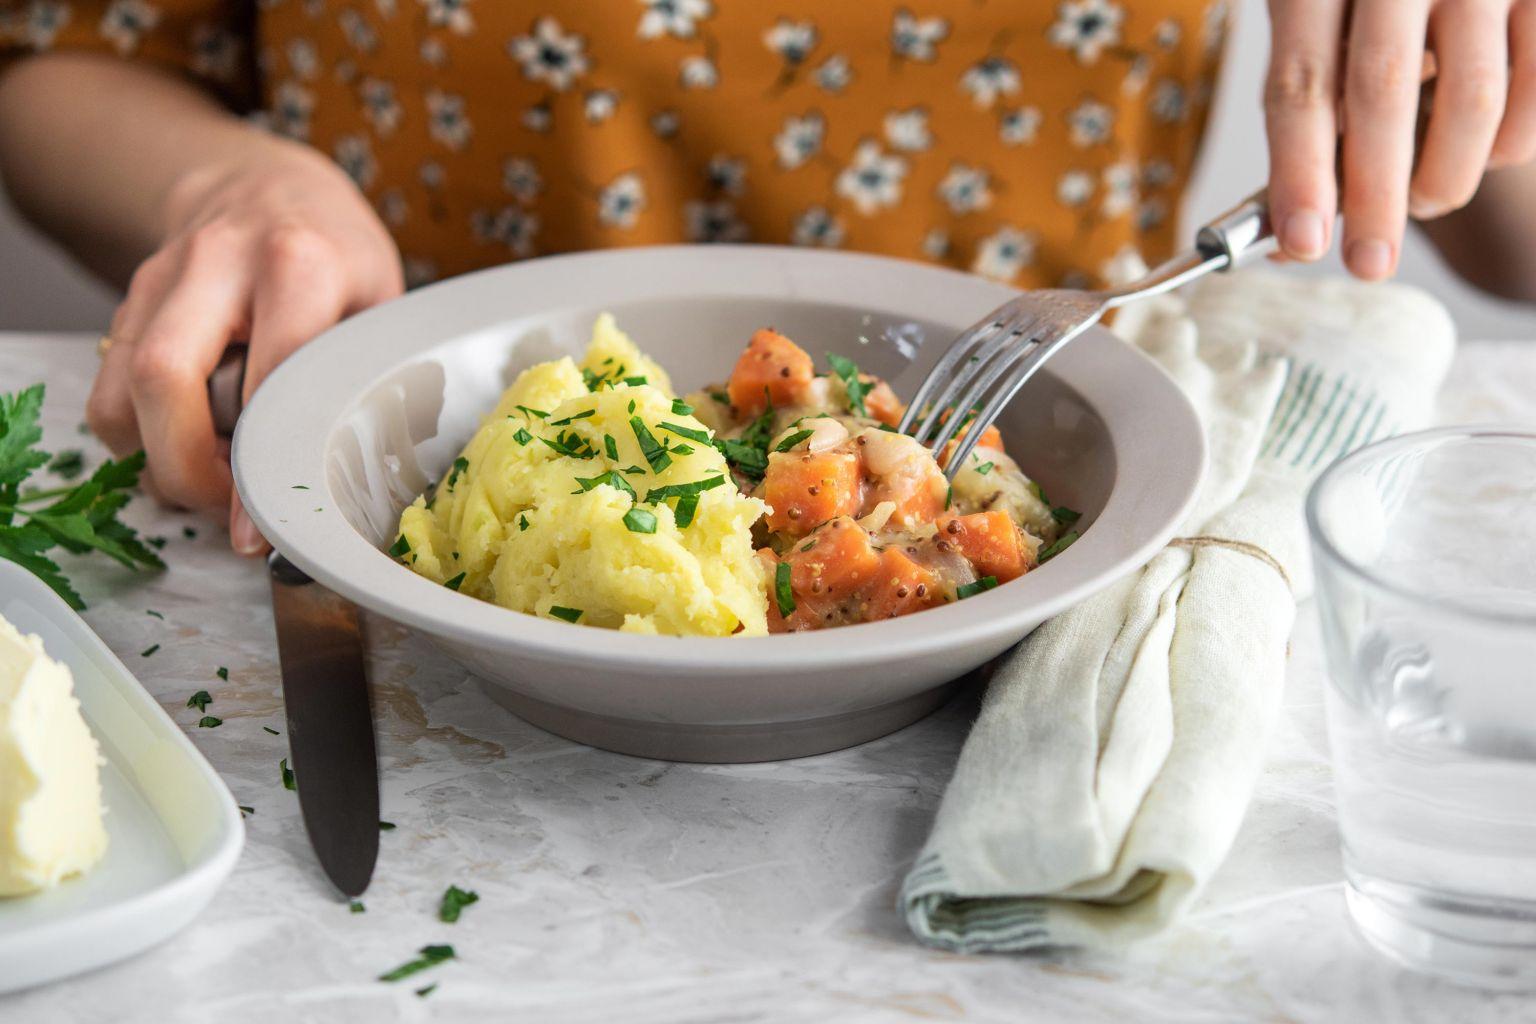 Recette de mijoté aux légumes veggie à la moutarde